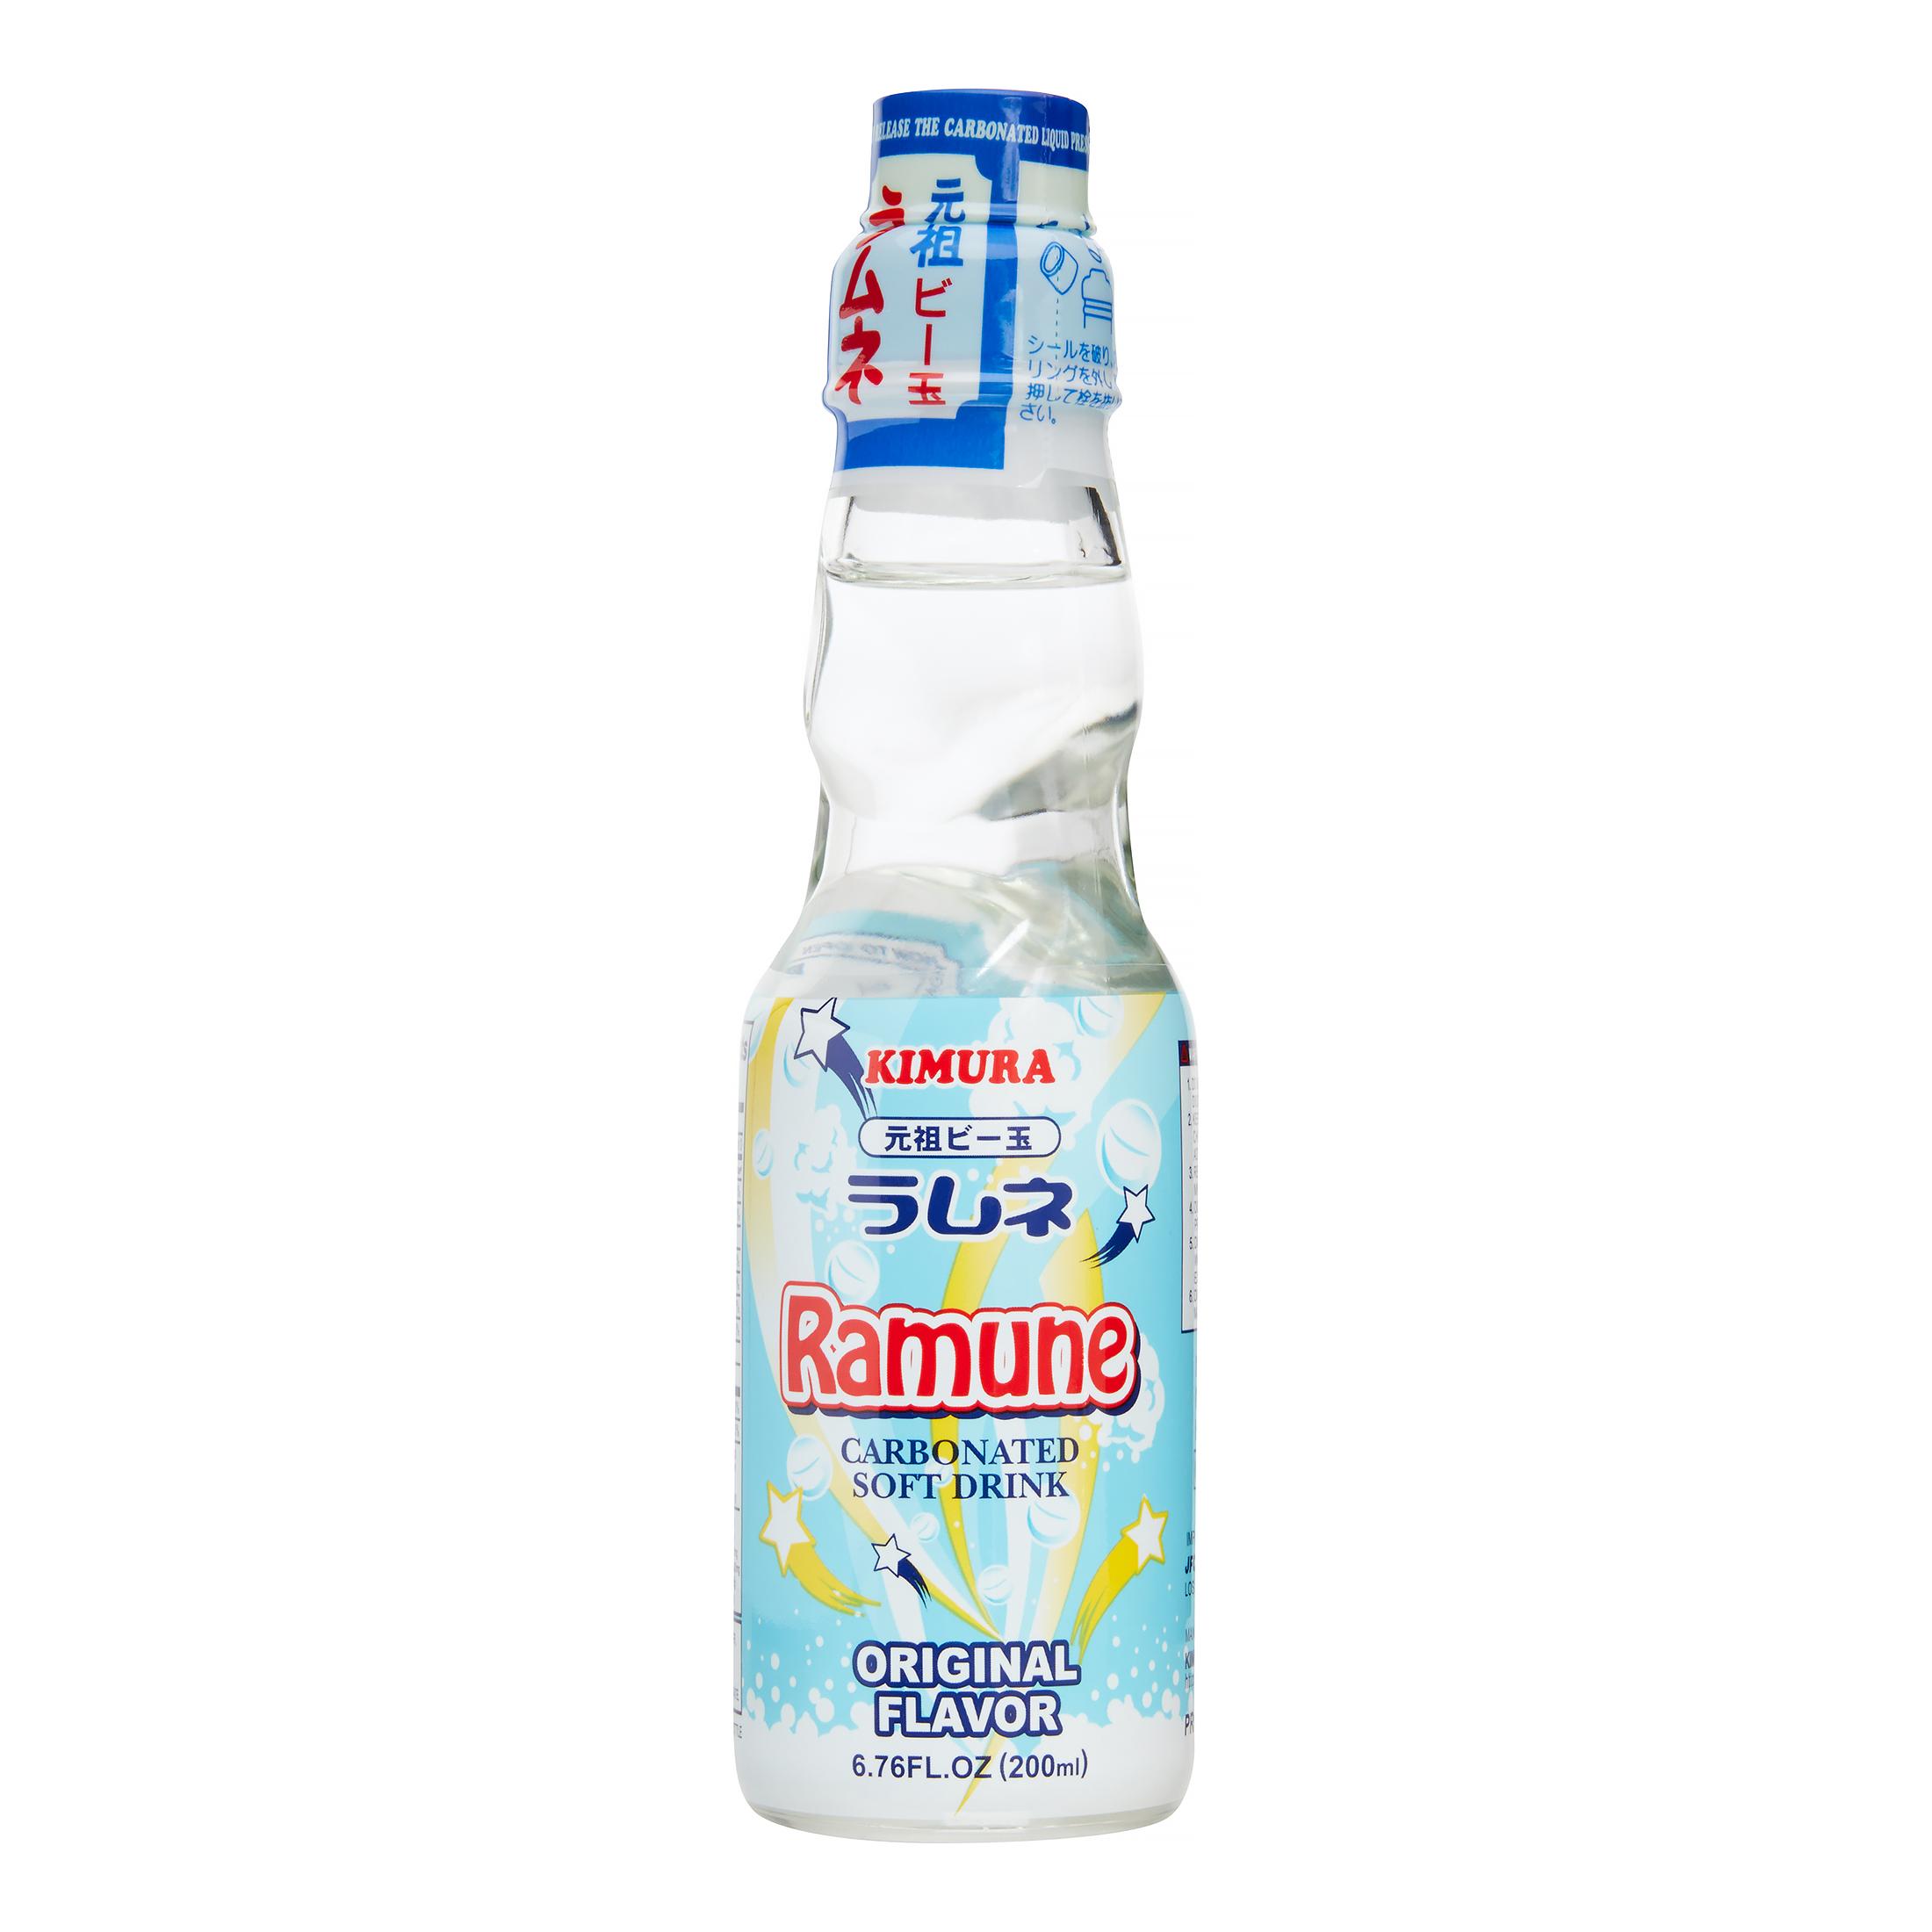 medium kimura ramune carbonated soft drink original flavor 676